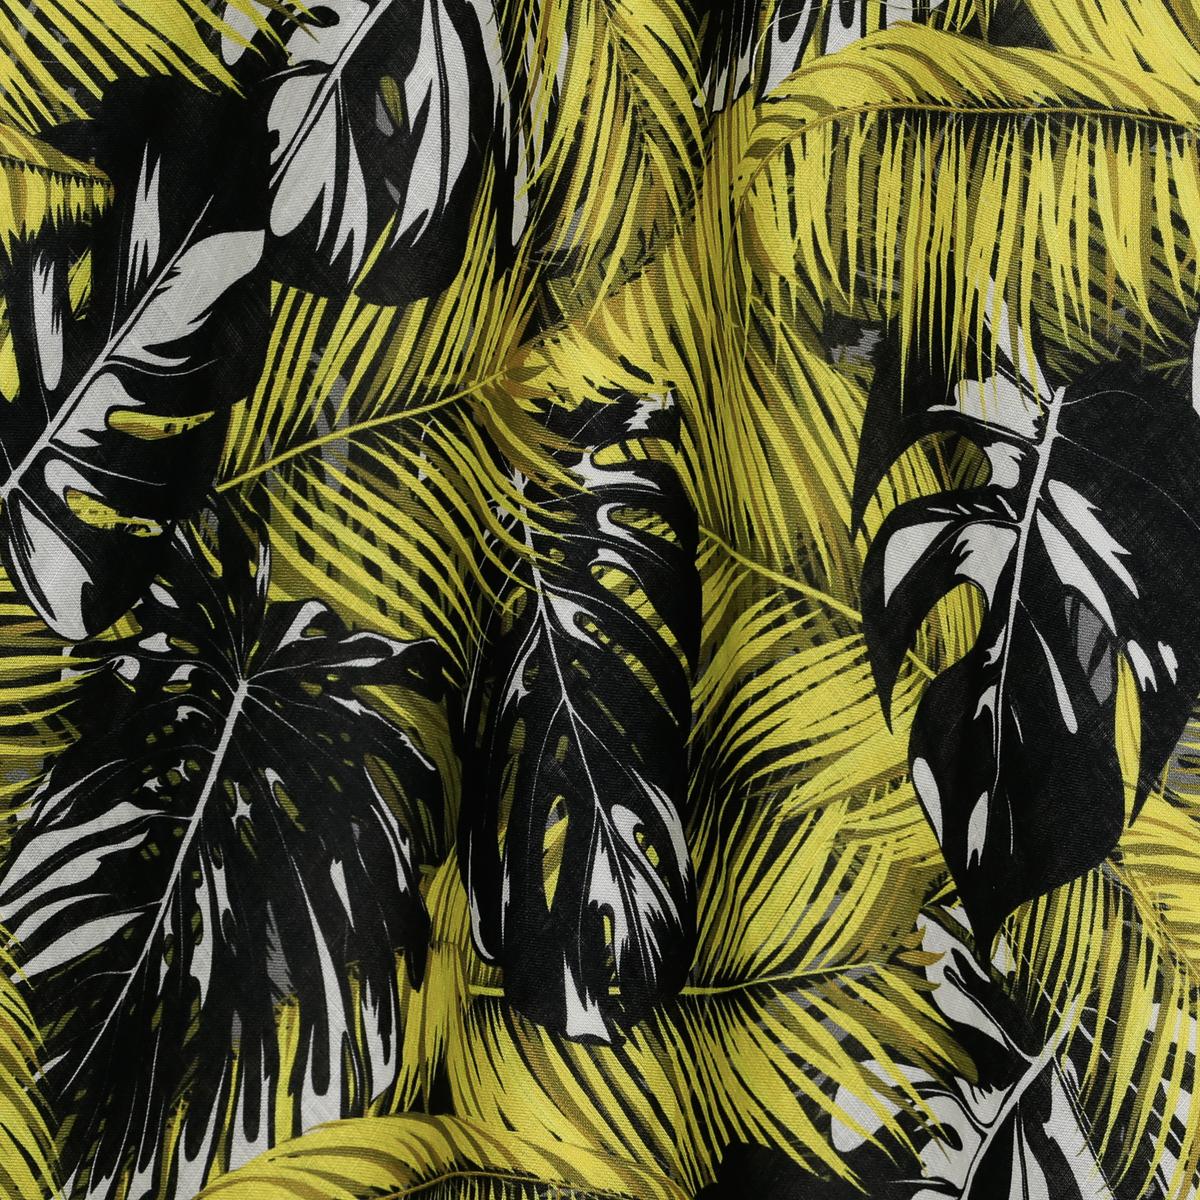 Шелковистый тонкий лён с чёрно-жёлтыми пальмовыми листьями